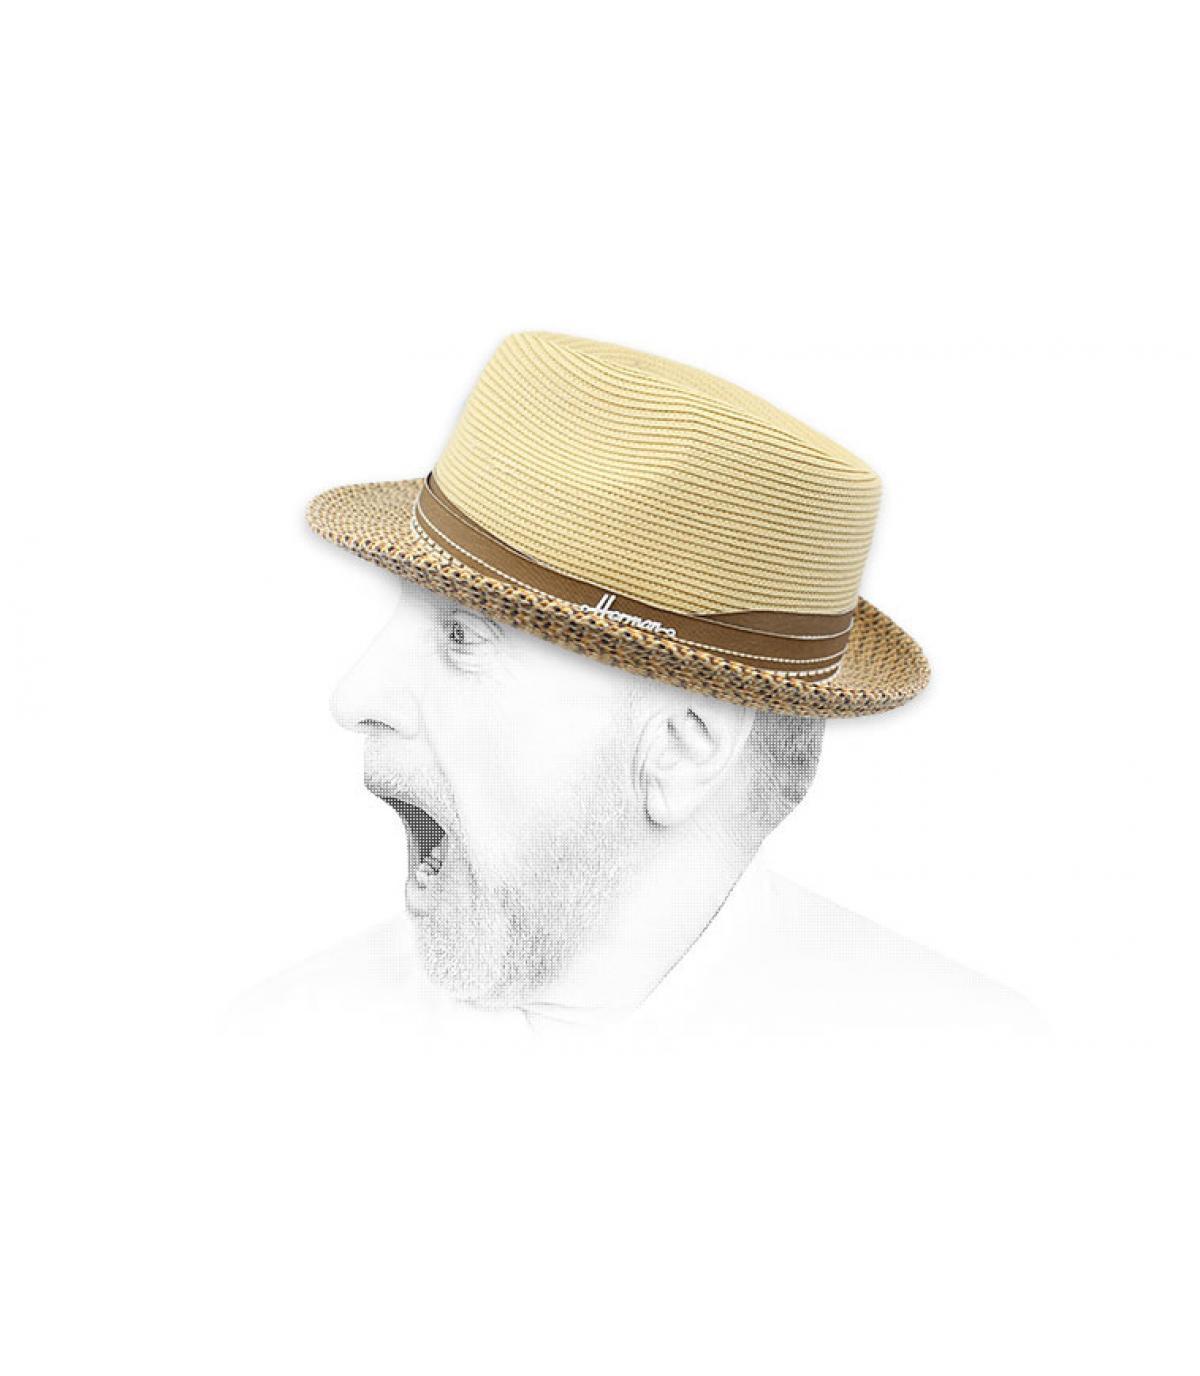 cappello di paglia beige idrorepellente